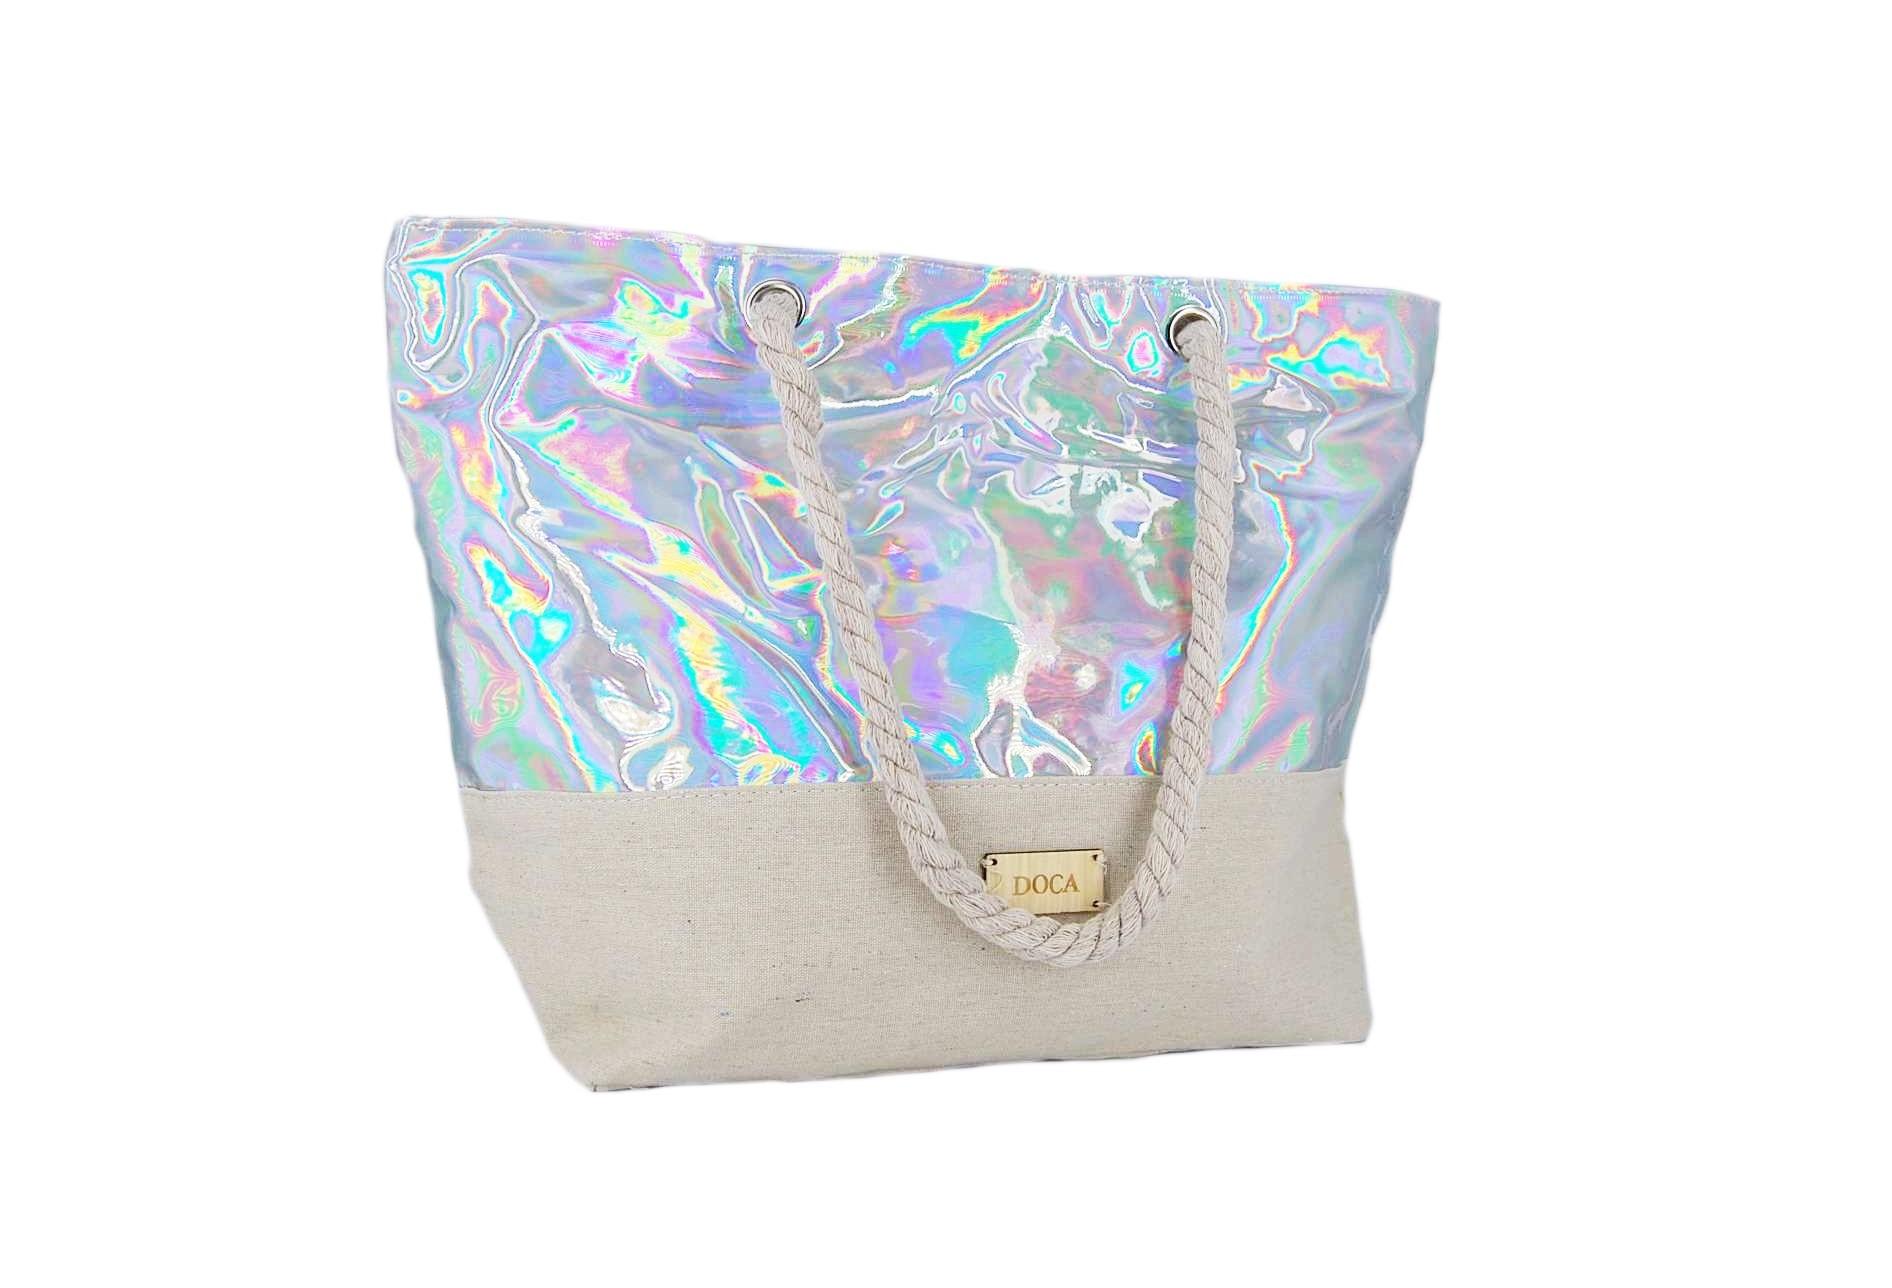 6a717ed9dd Doca τσάντα θαλάσσης γυναικεία ασημί ιριδίζον